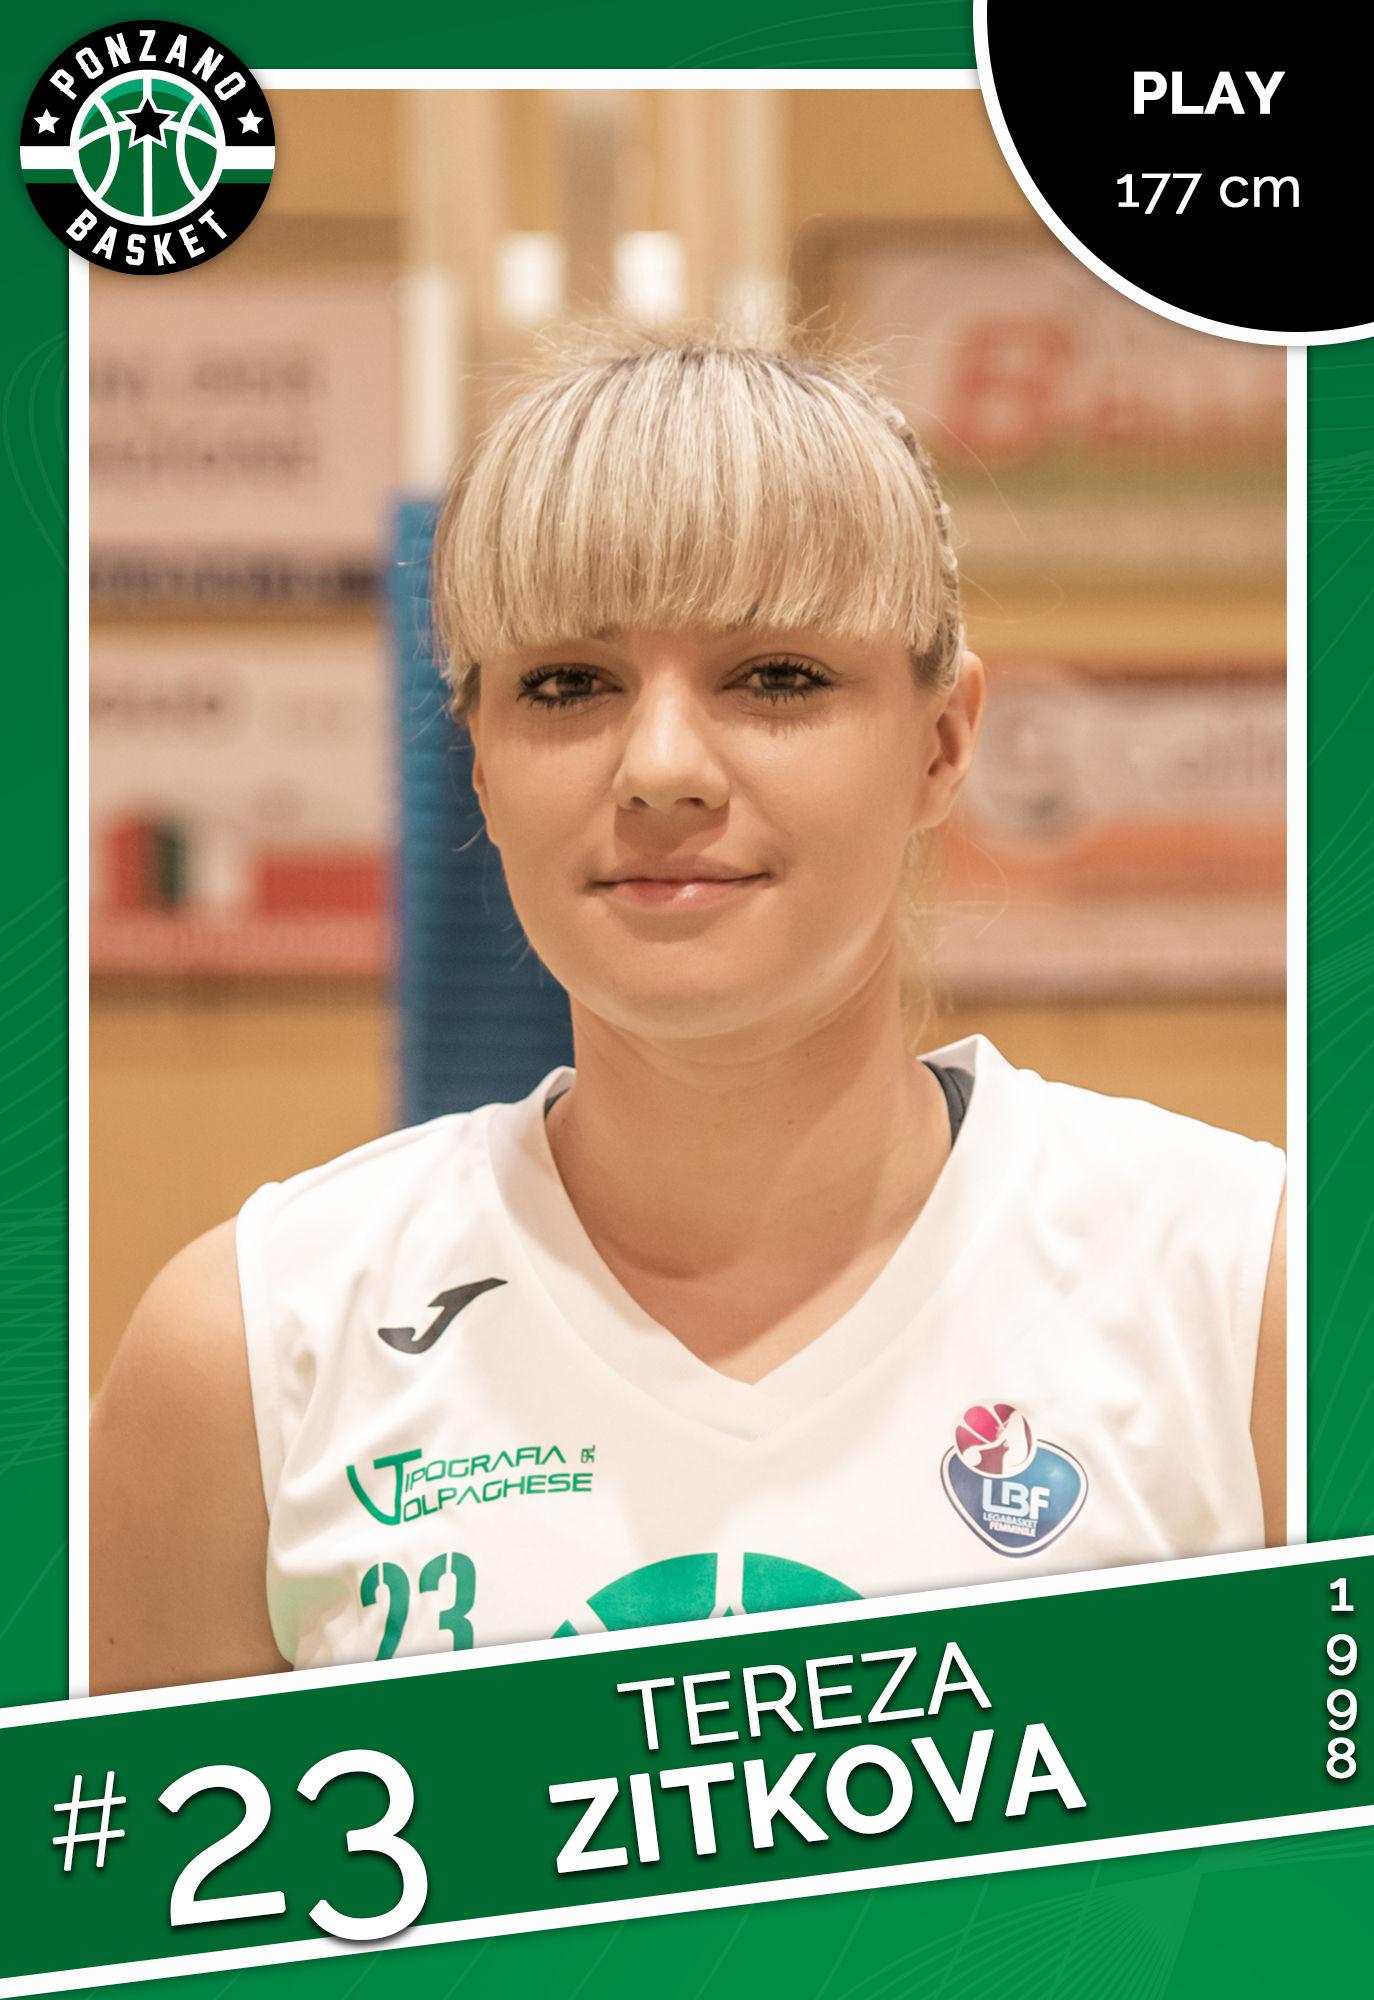 Tereza Zitkova